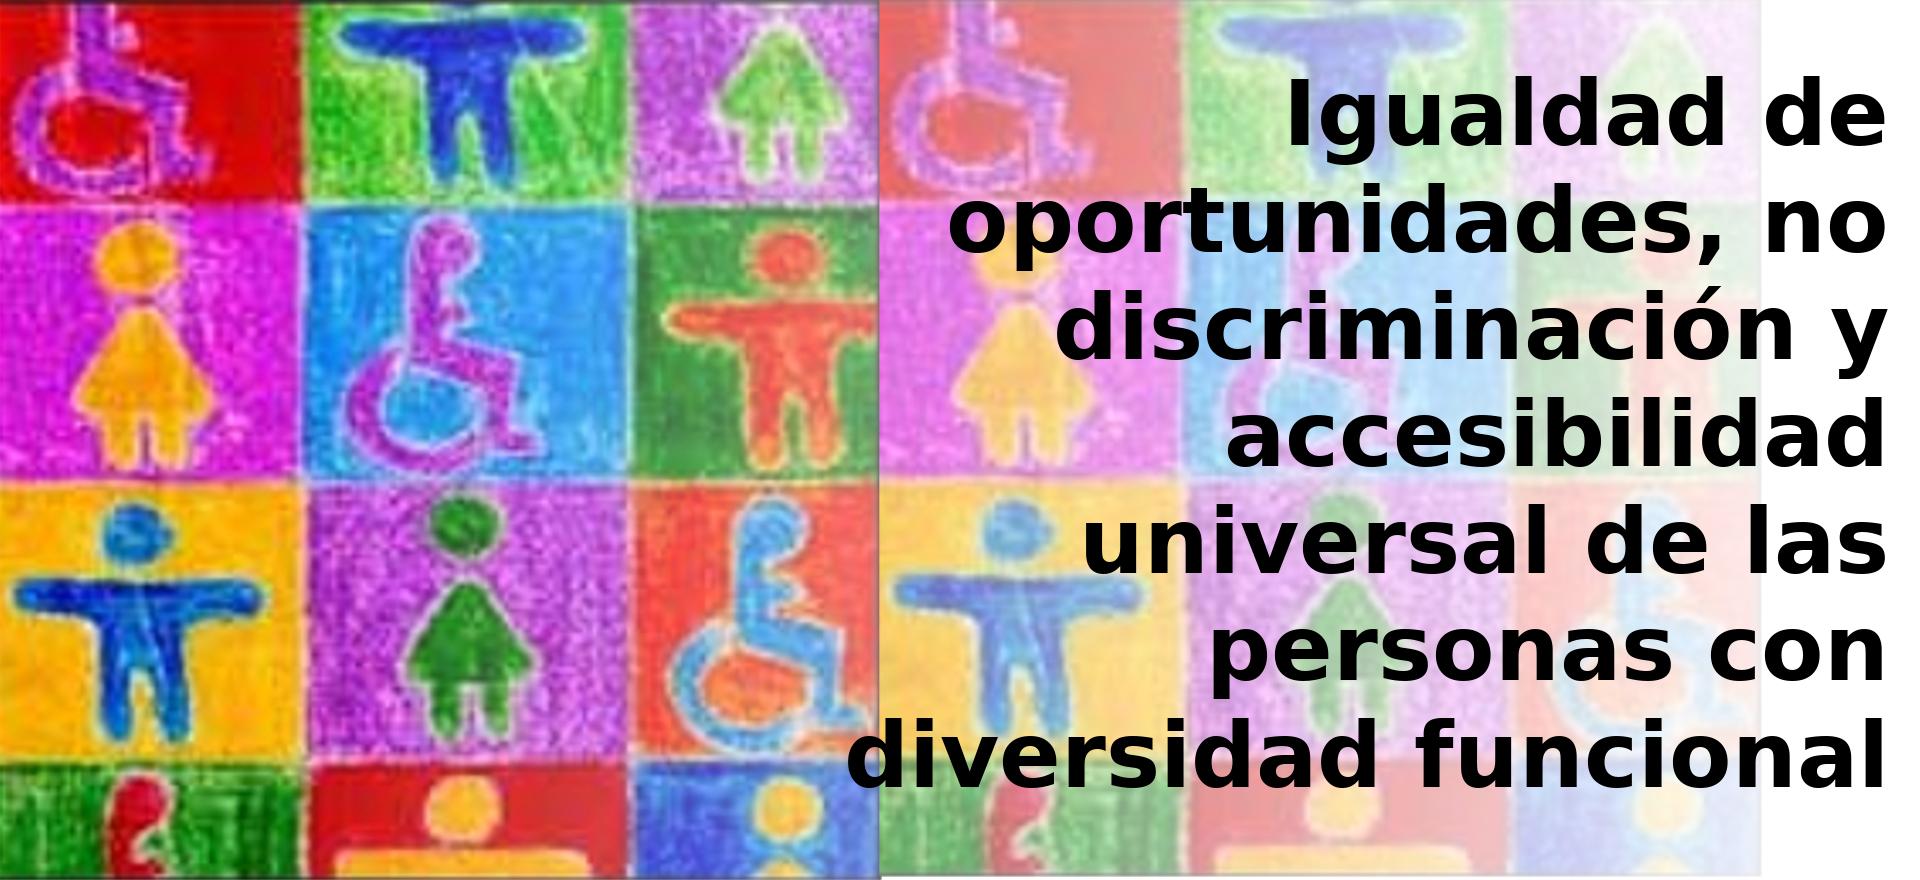 Igualdad de oportunidades, no discriminación y accesibilidad universal de las personas con diversidad funcional